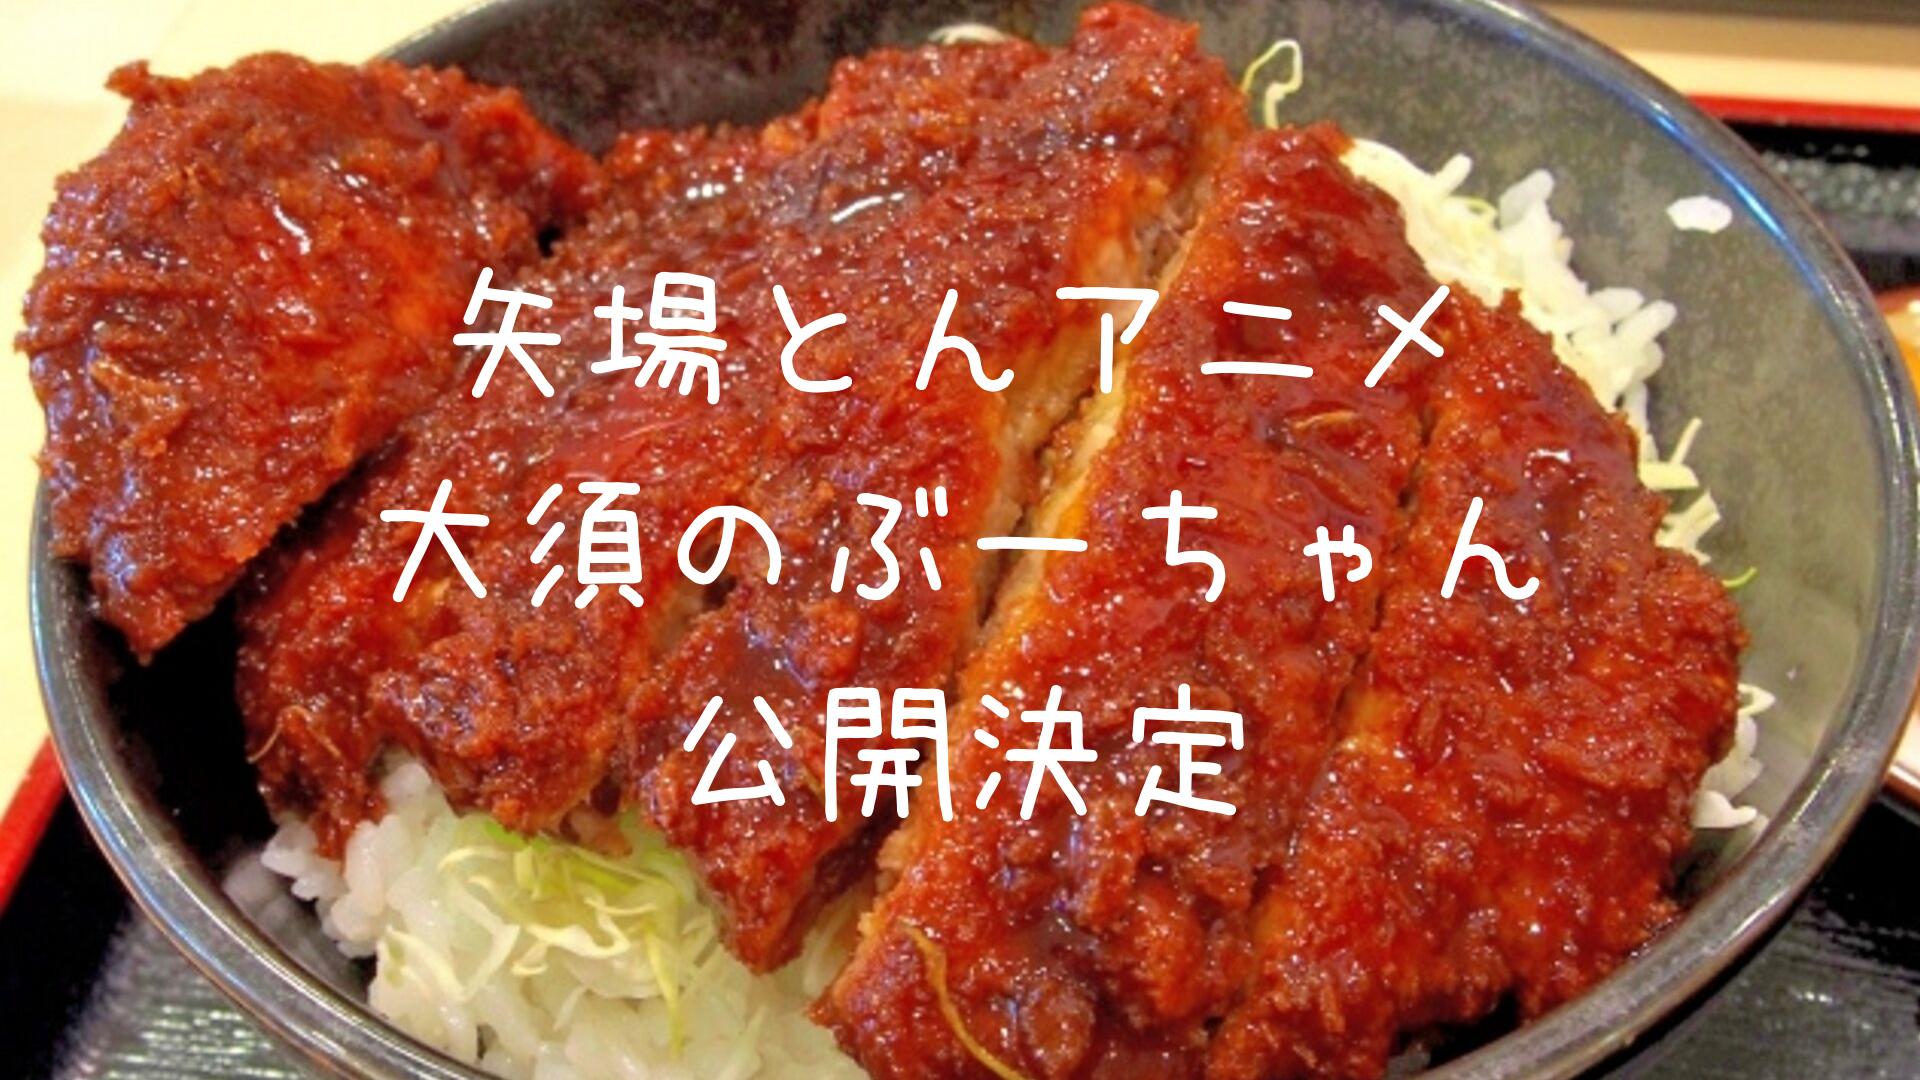 矢場とんアニメ 大須のぶーちゃん